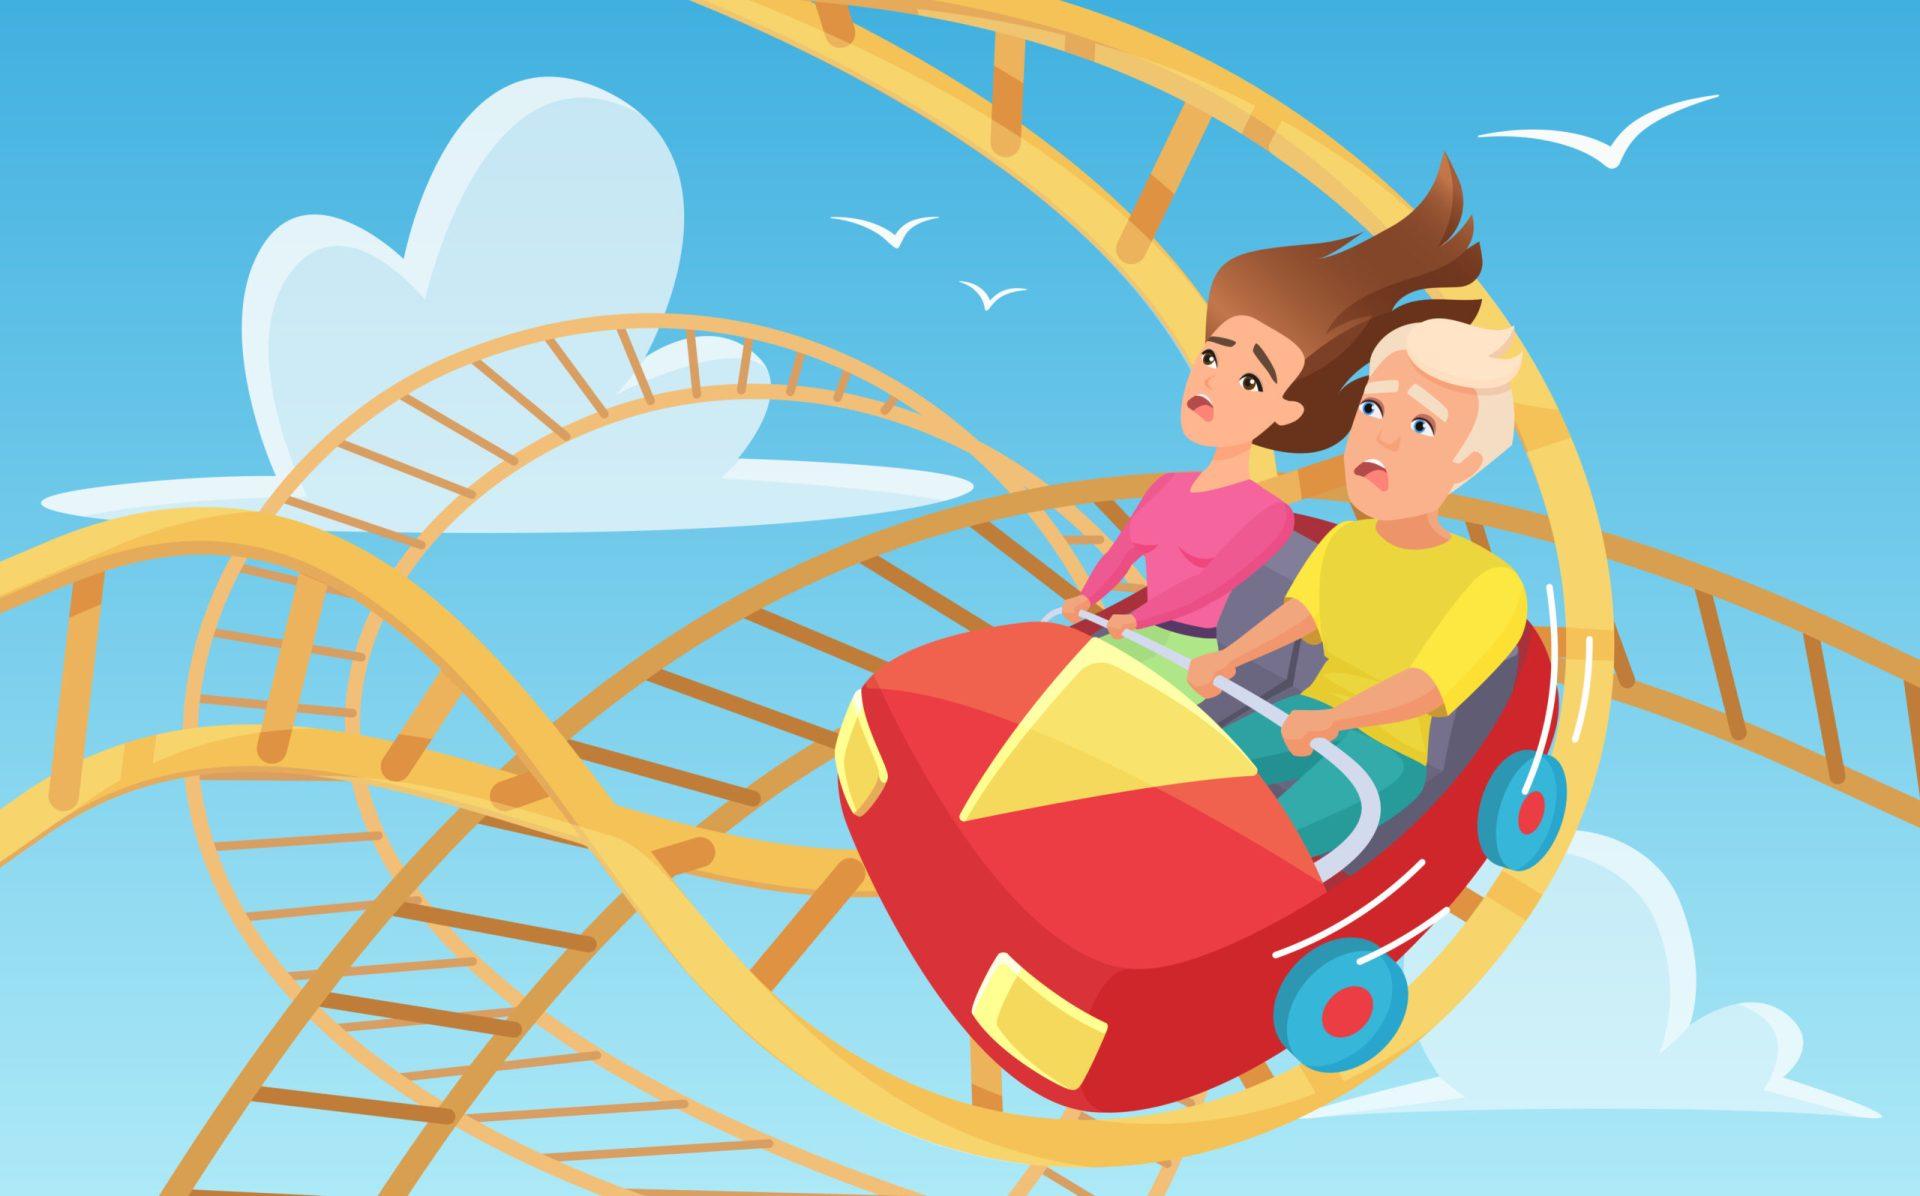 Viața alături de o persoană cu borderline poate fi un roller coaster